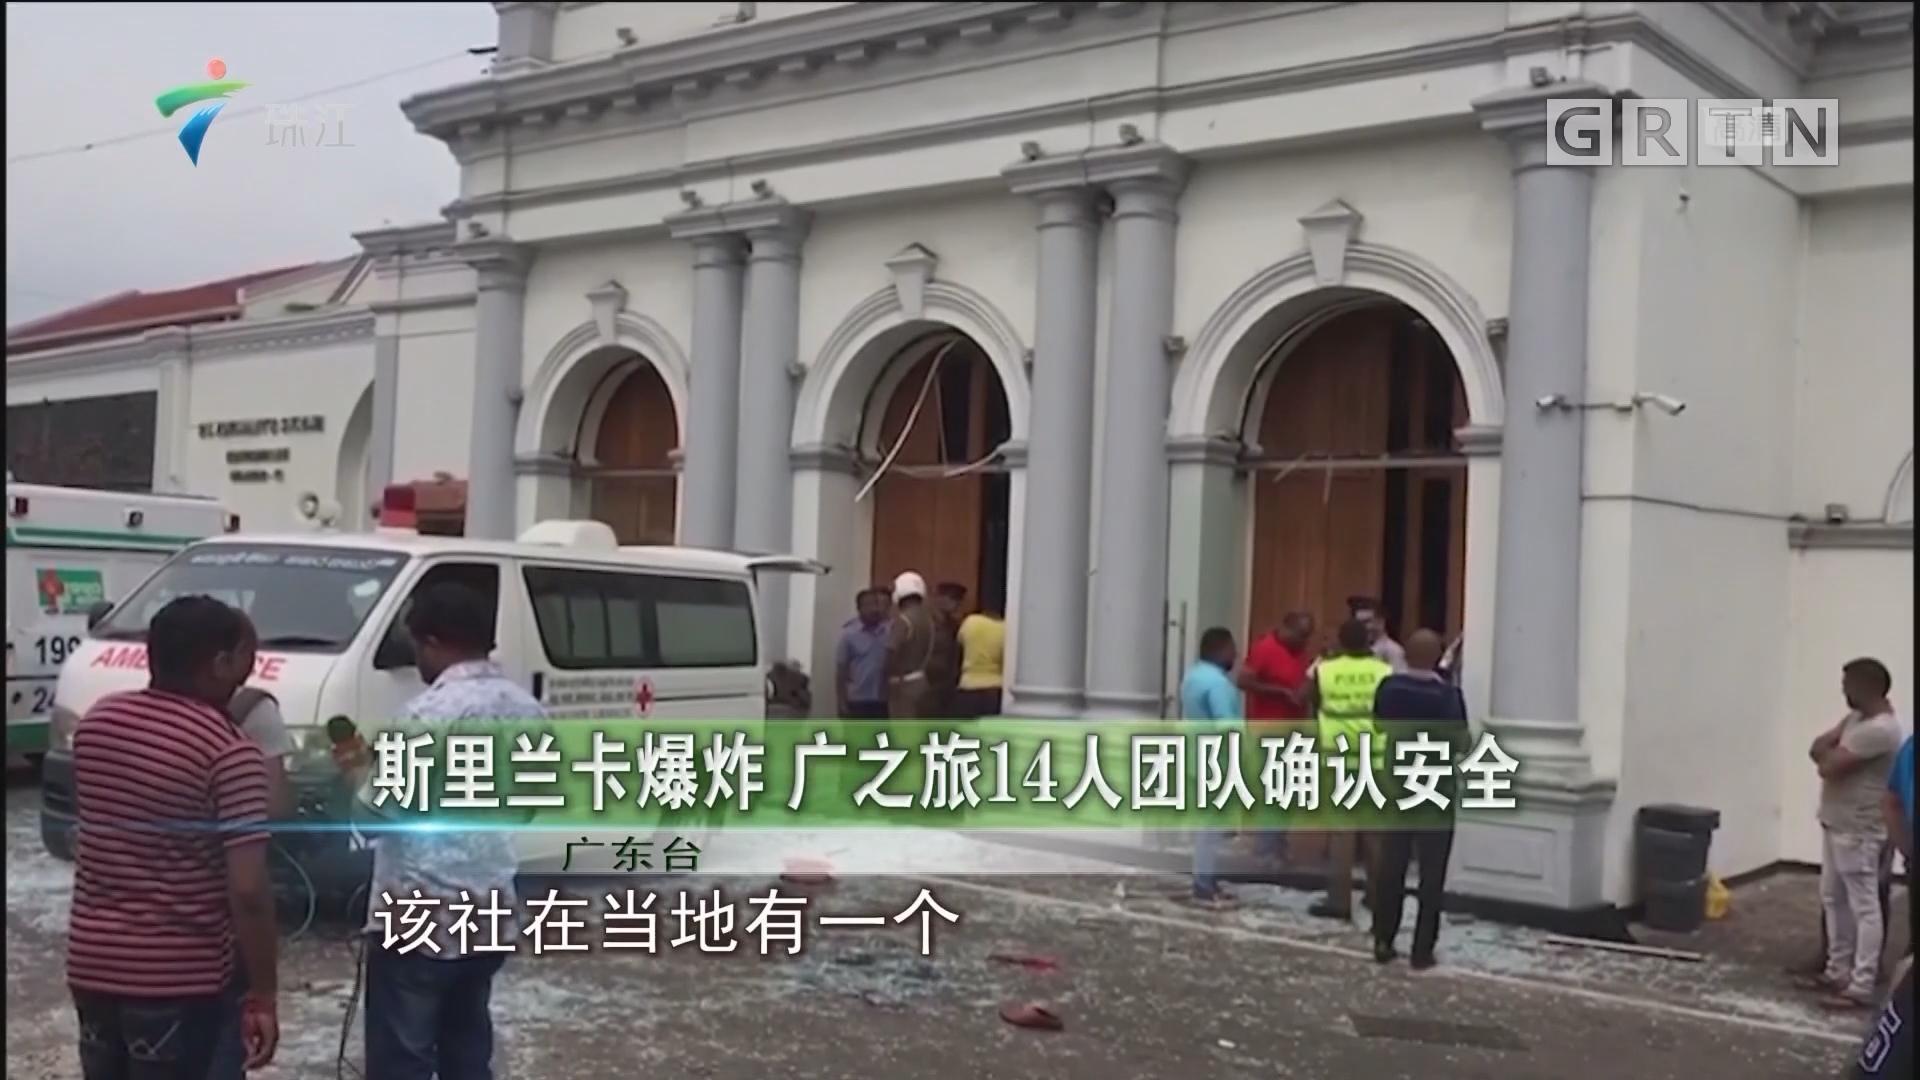 斯里兰卡爆炸 广之旅14人团队确认安全